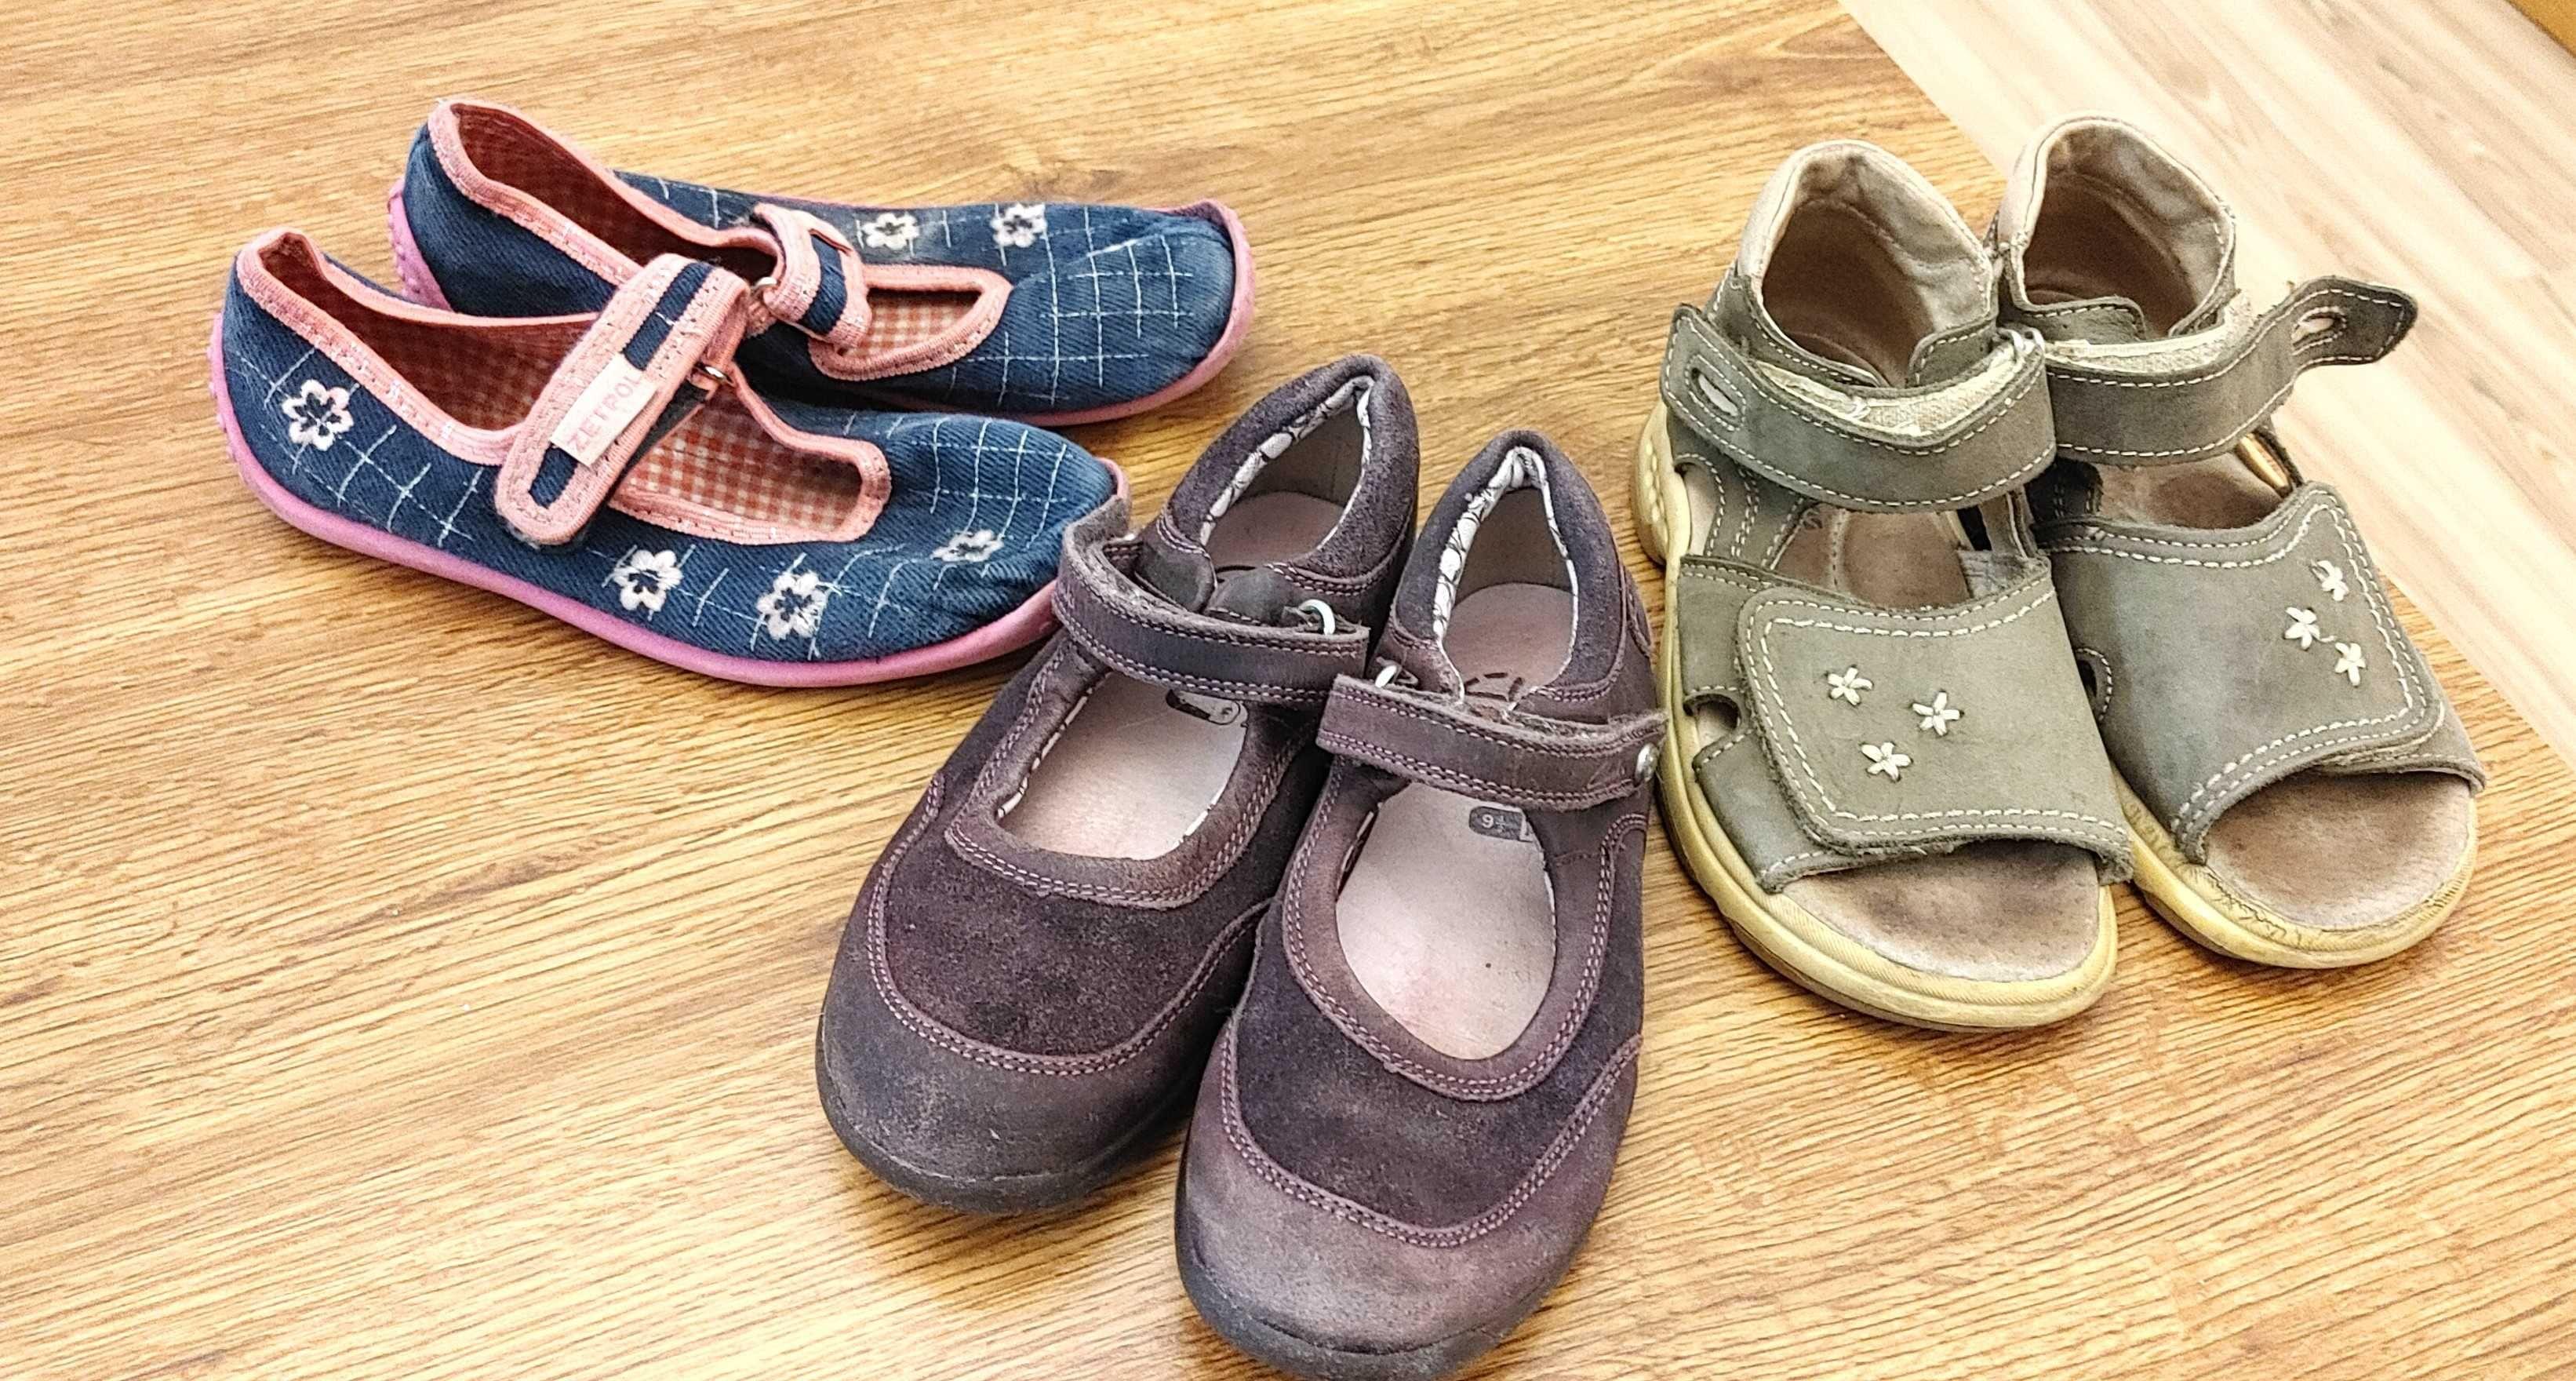 3 pary butów w tym Clarks, Zetpol 18 cm